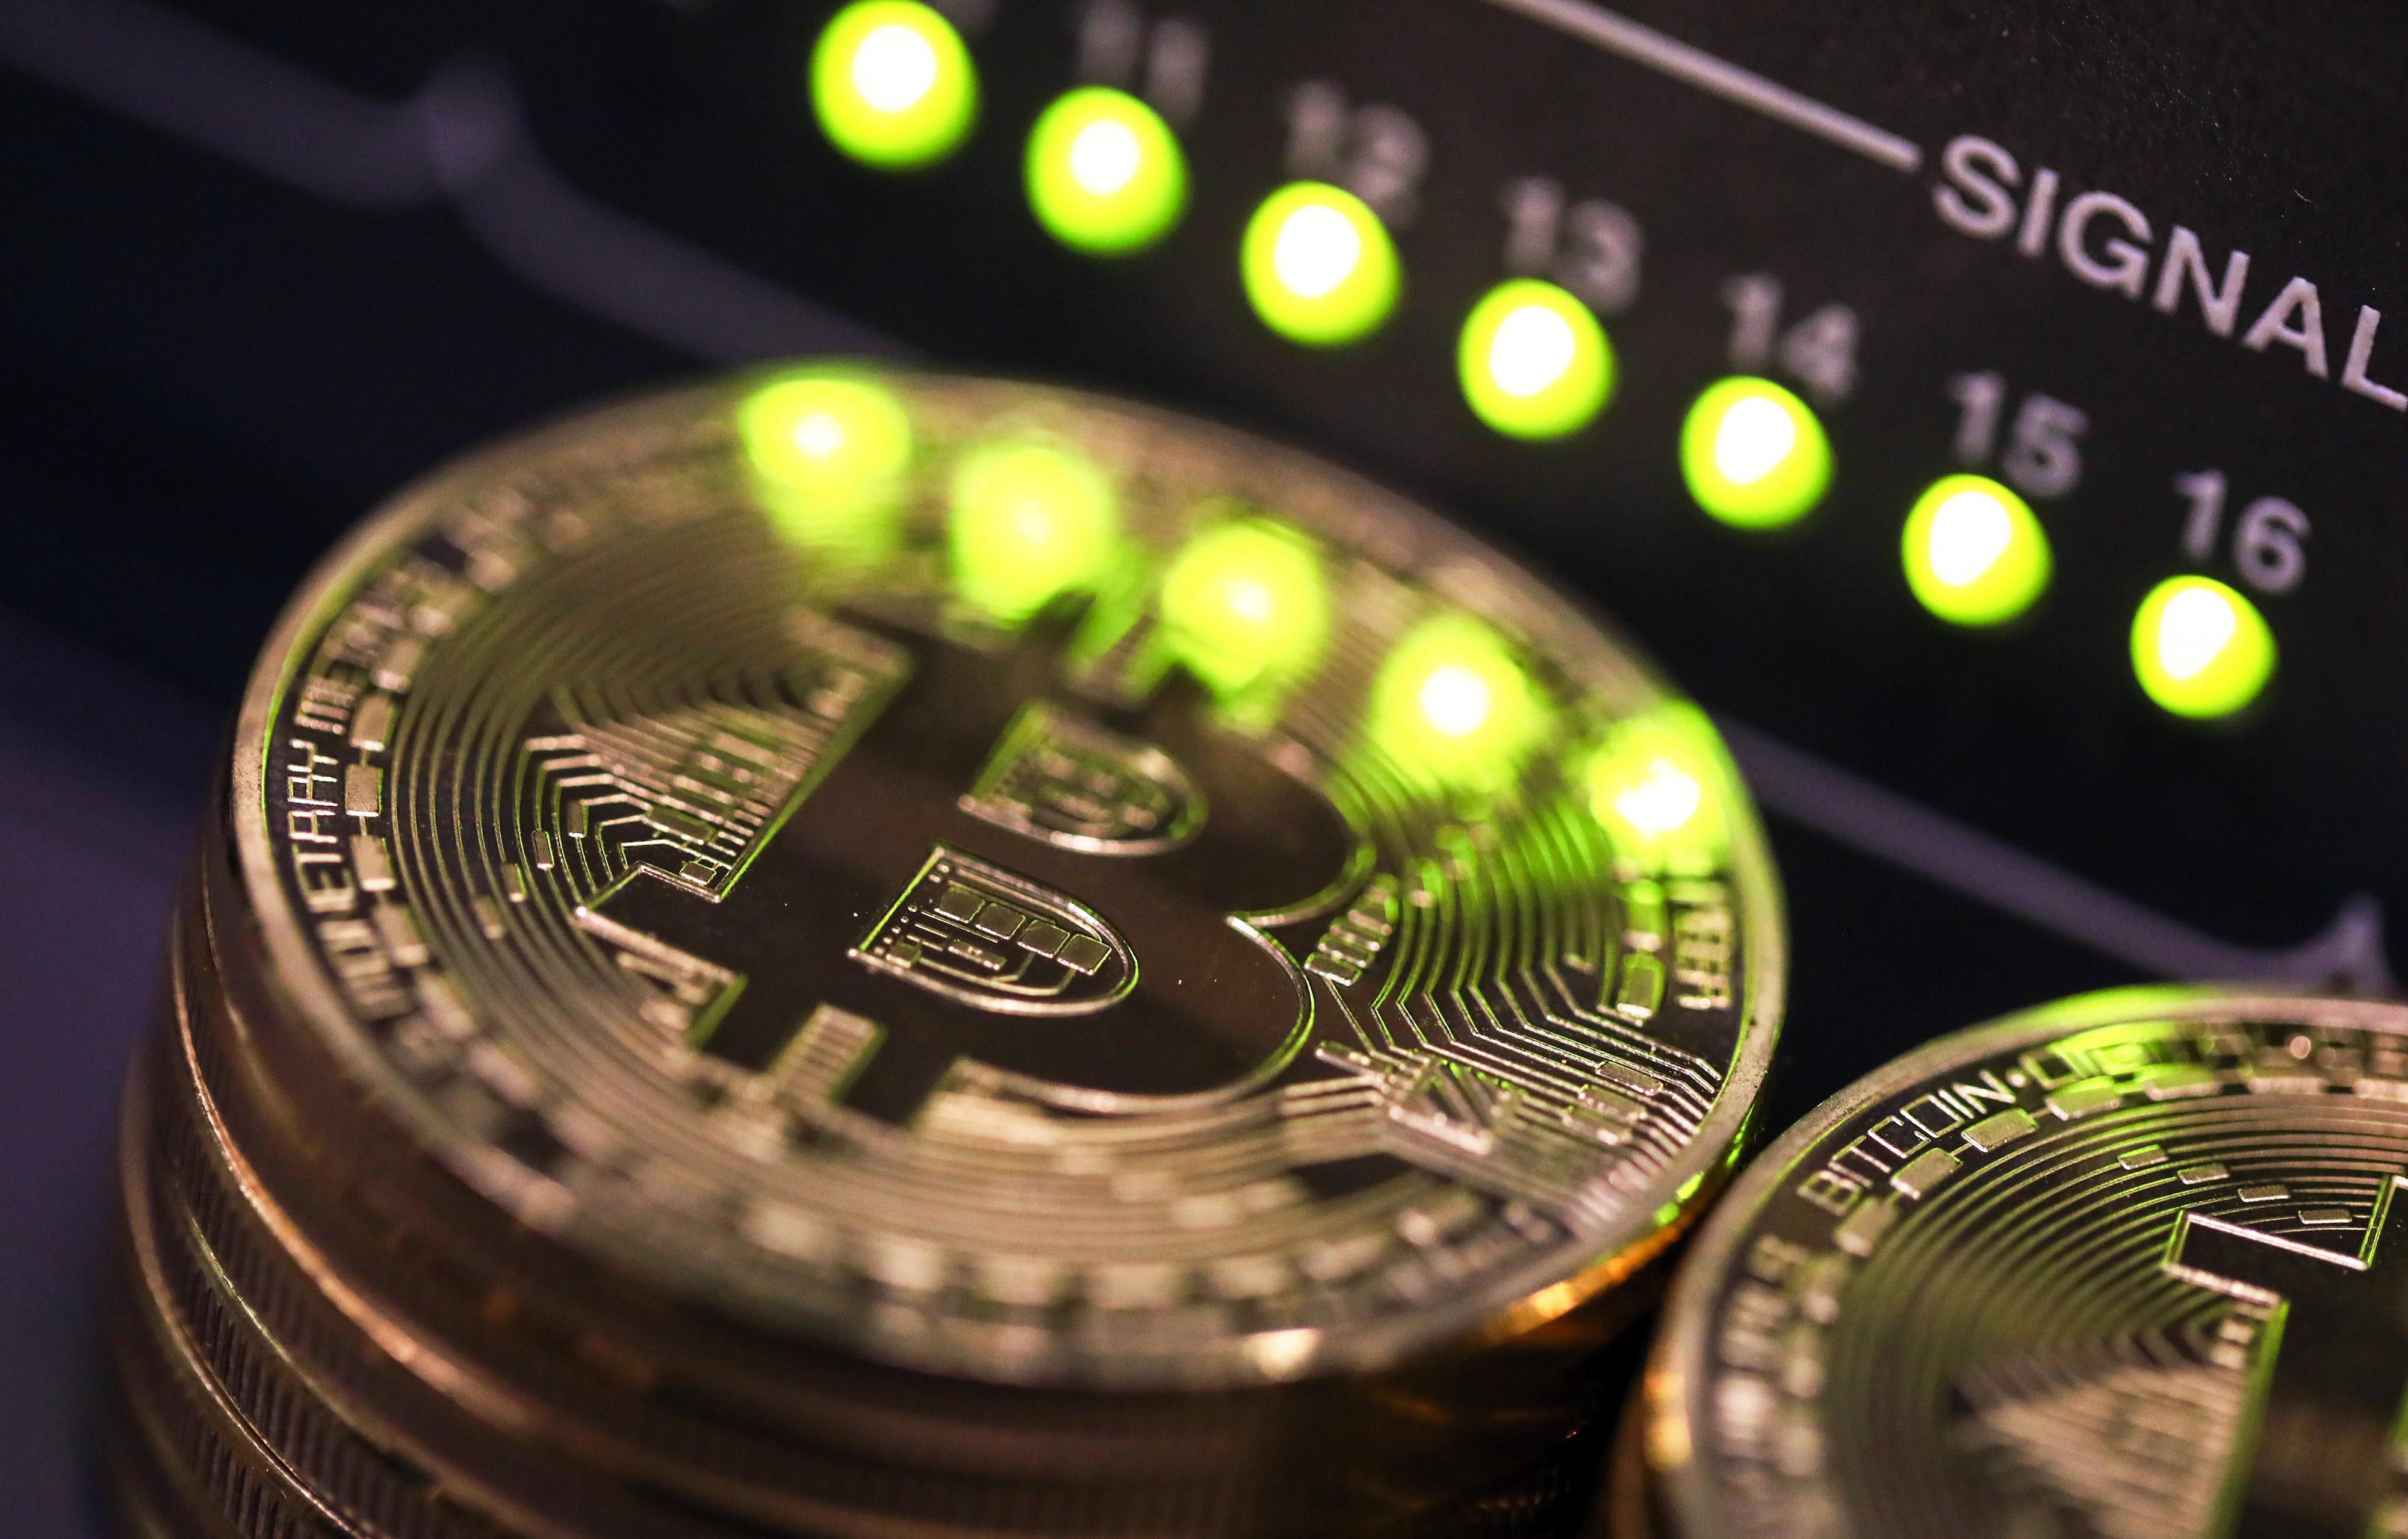 https://assets.sourcemedia.com/25/0d/e7bbfeb1496da36cb60f78be1a7b/bitcoin-bl-090517.jpg